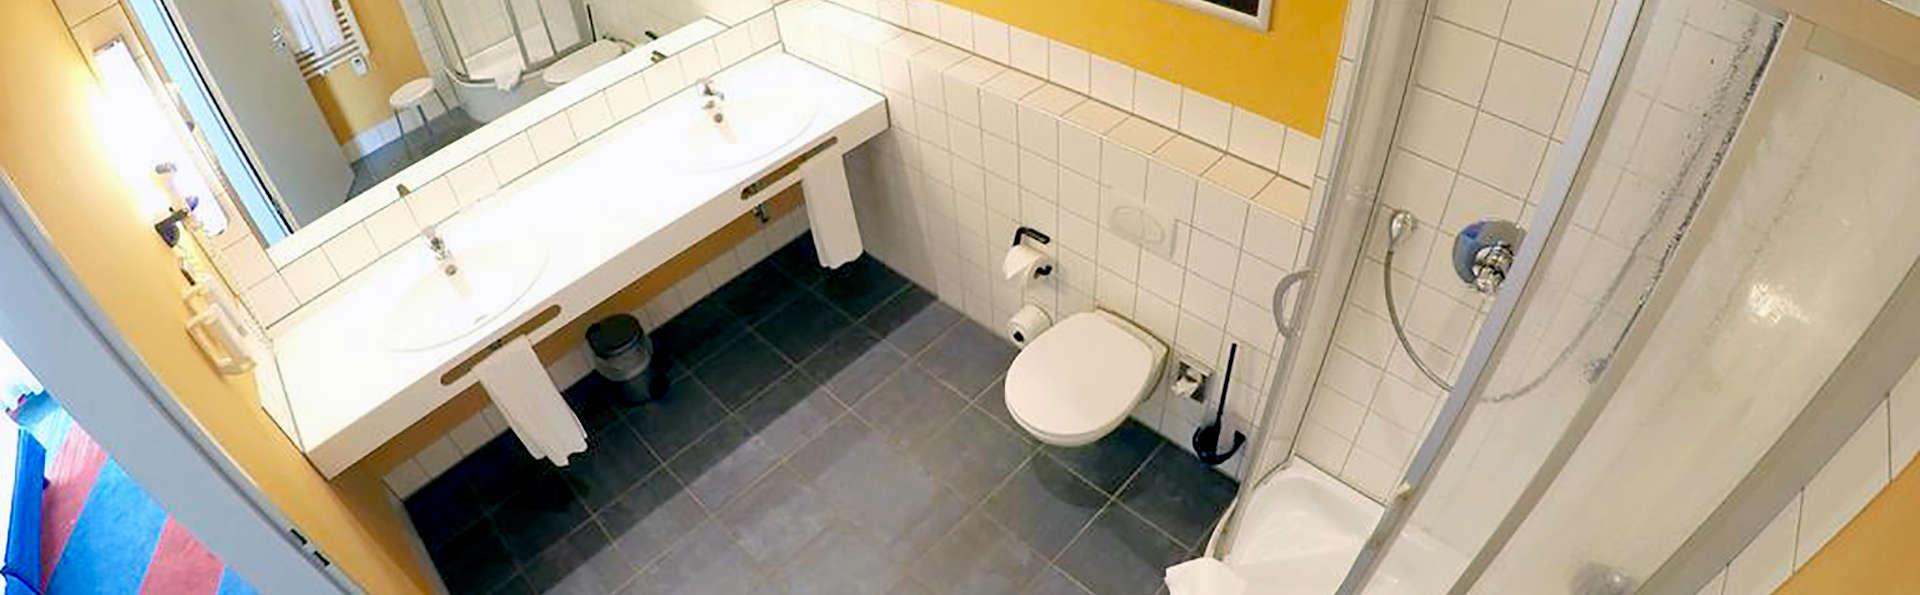 Entzückend Hotel Loccumer Hof Hannover Referenz Von - Edit_bath2.jpg